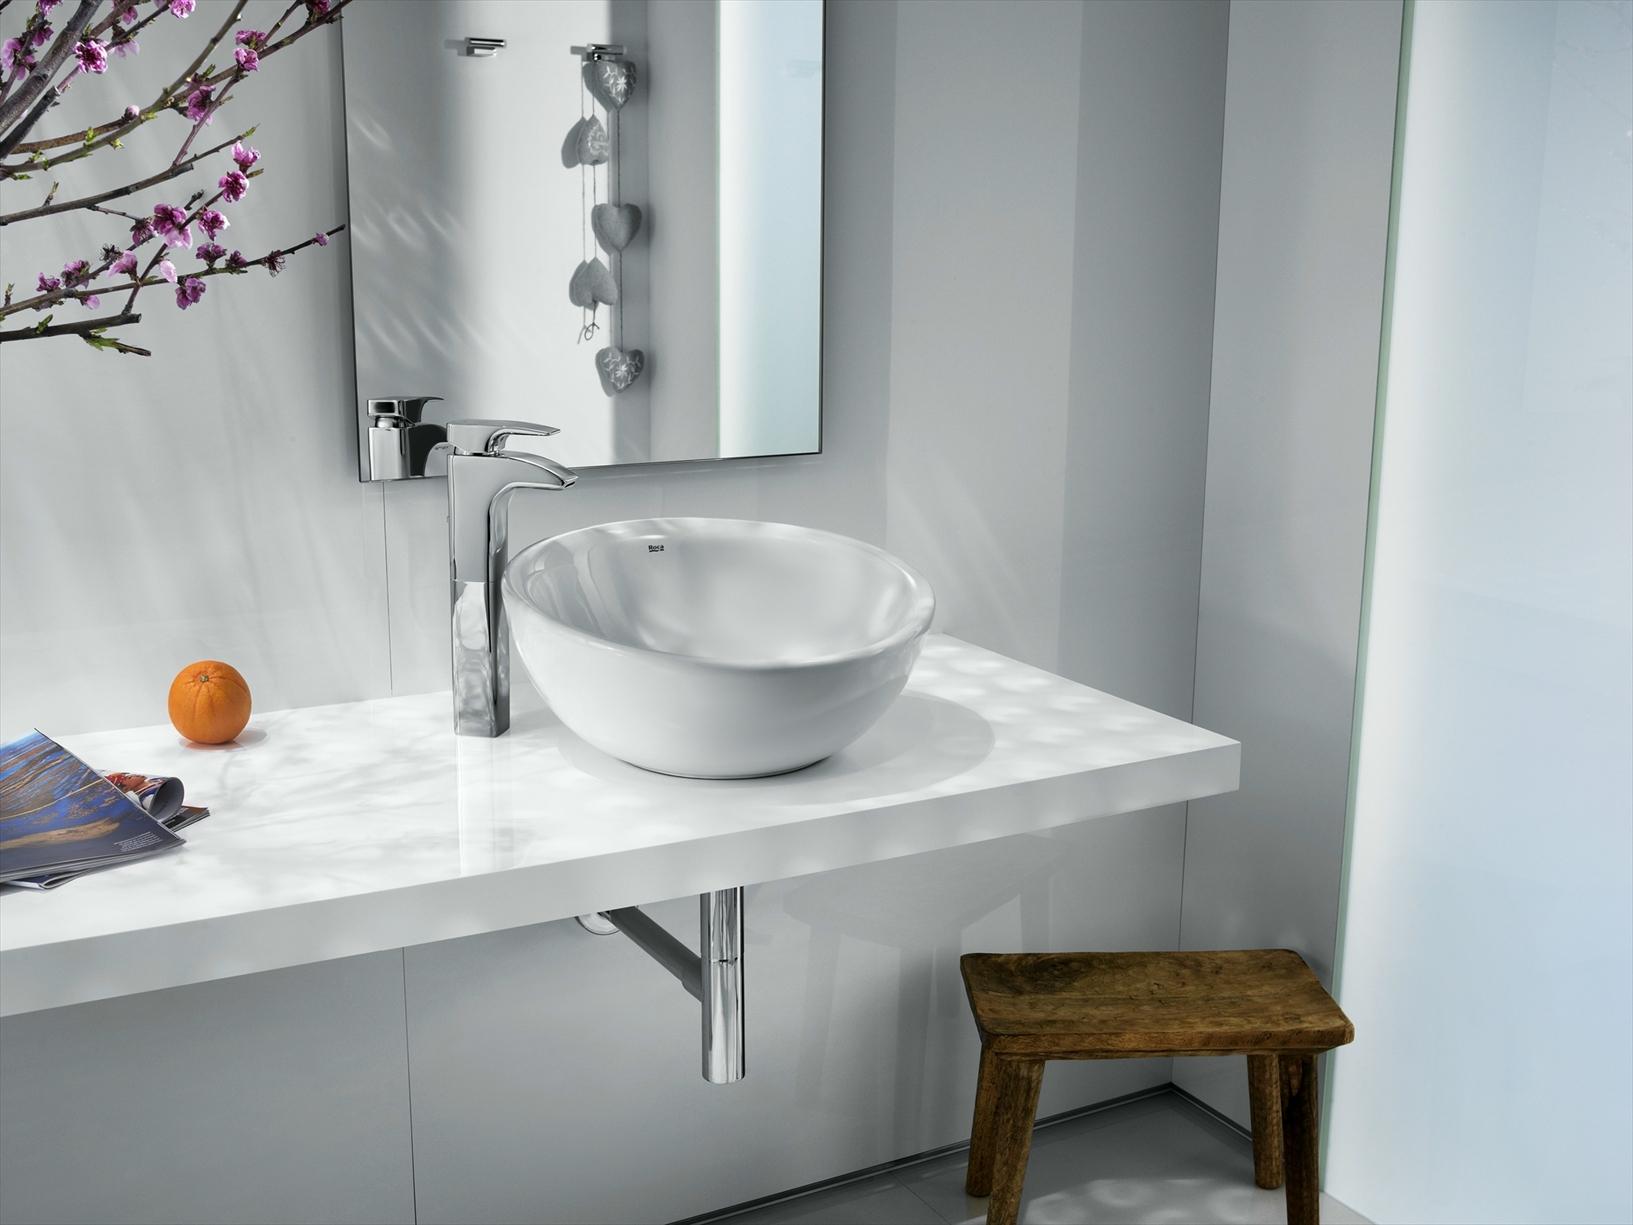 Bol la soluzione roca per la sala da bagno - Sala da bagno ...